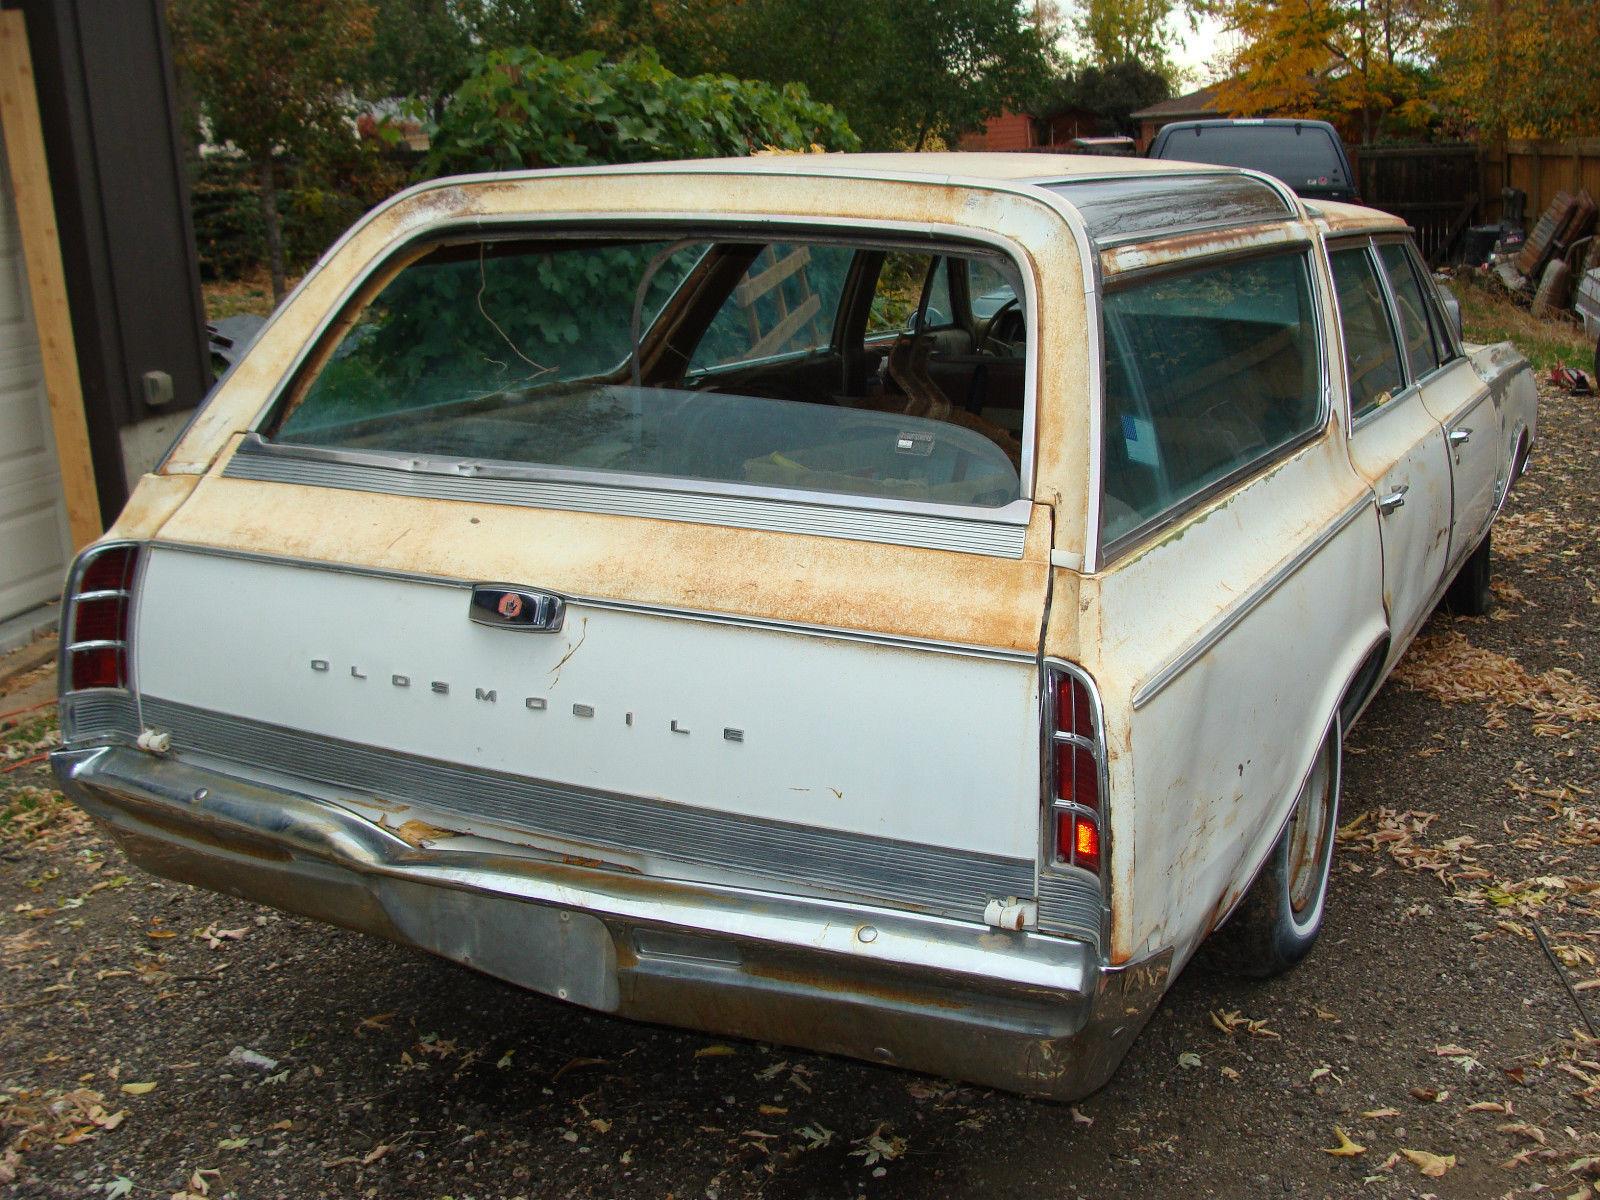 Oldsmobile Olds Vista Cruiser F85 Station Wagon For Sale